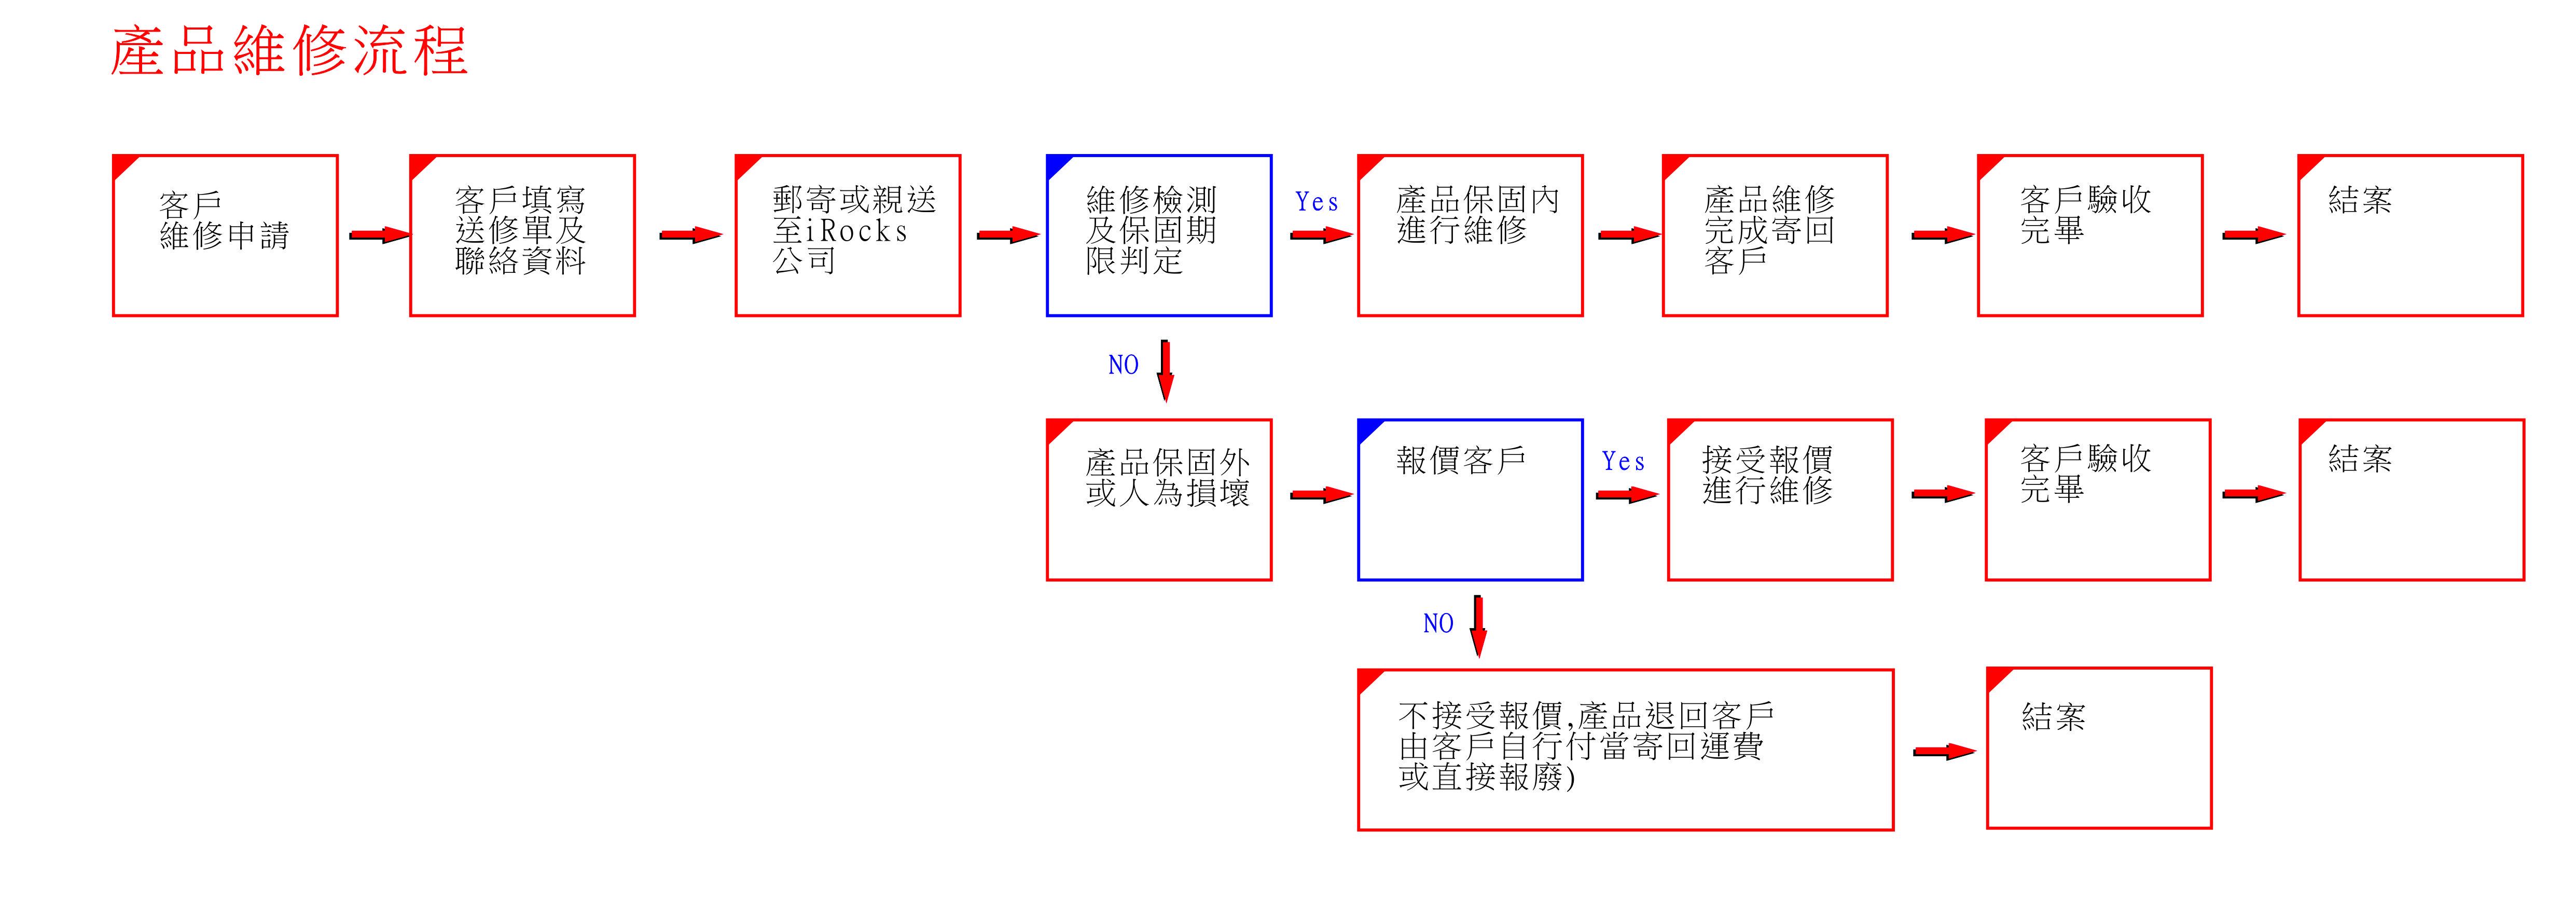 repair_flow01